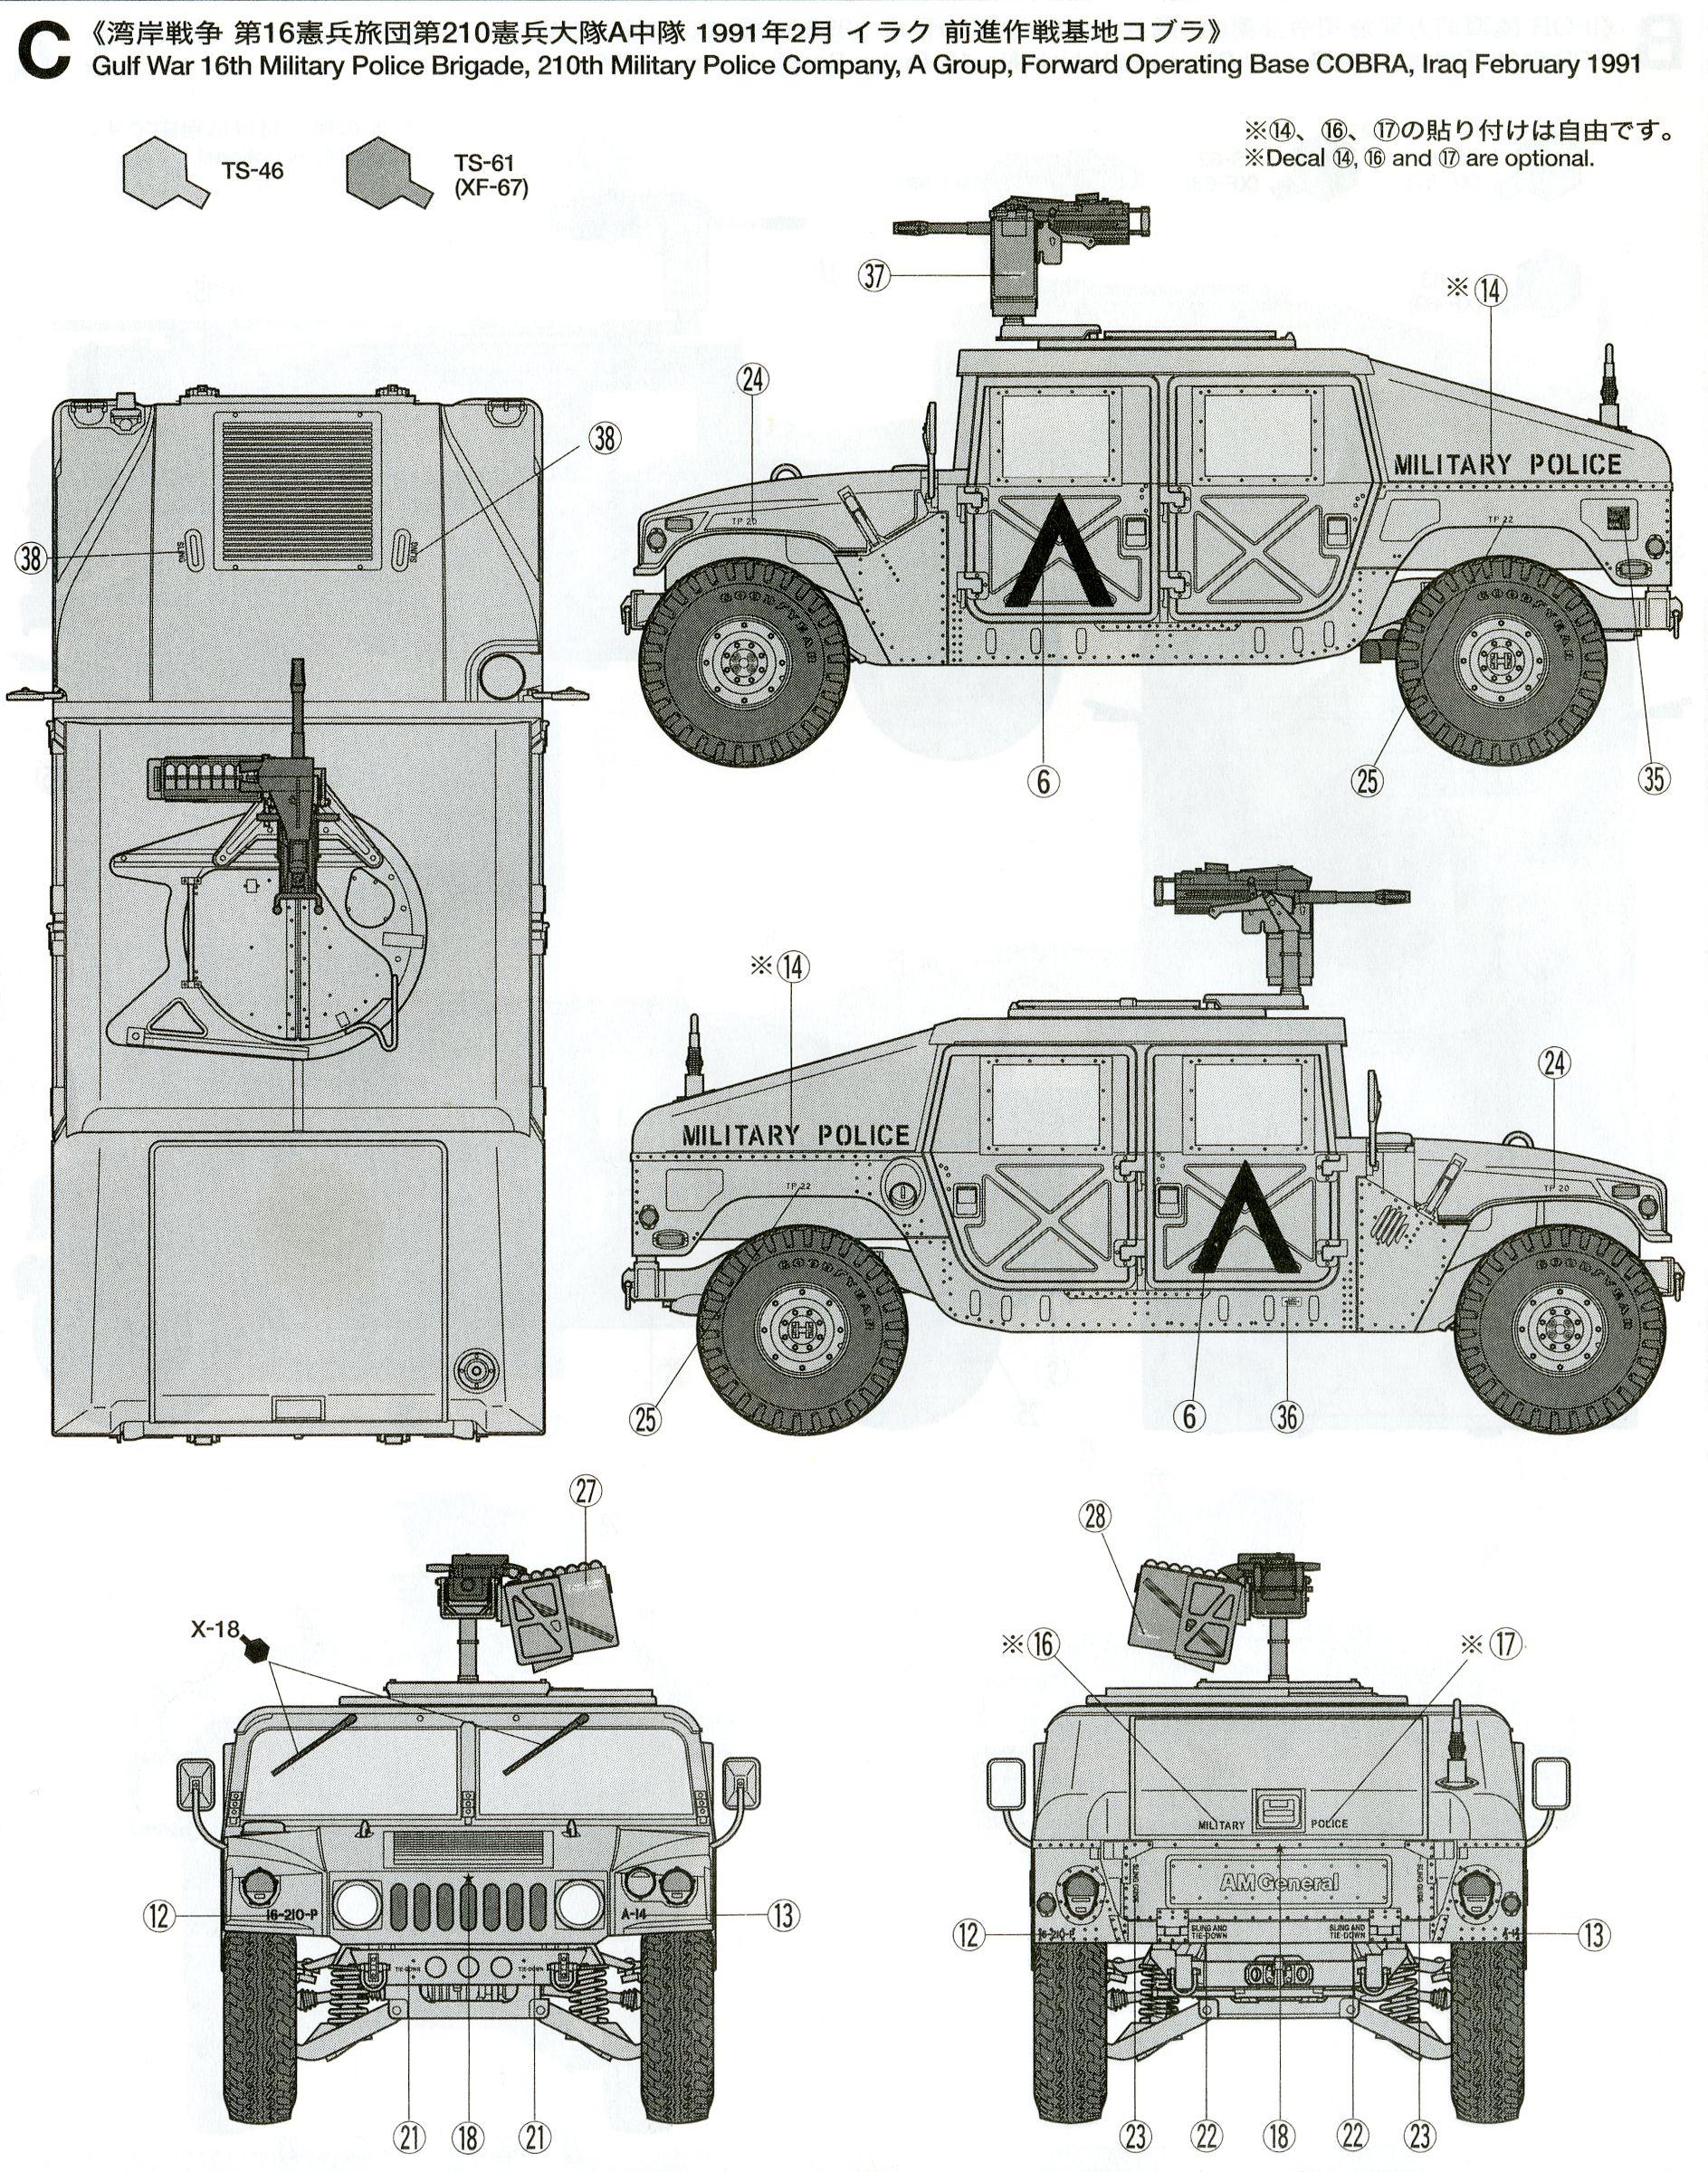 tamiya fast attack vehicle manual